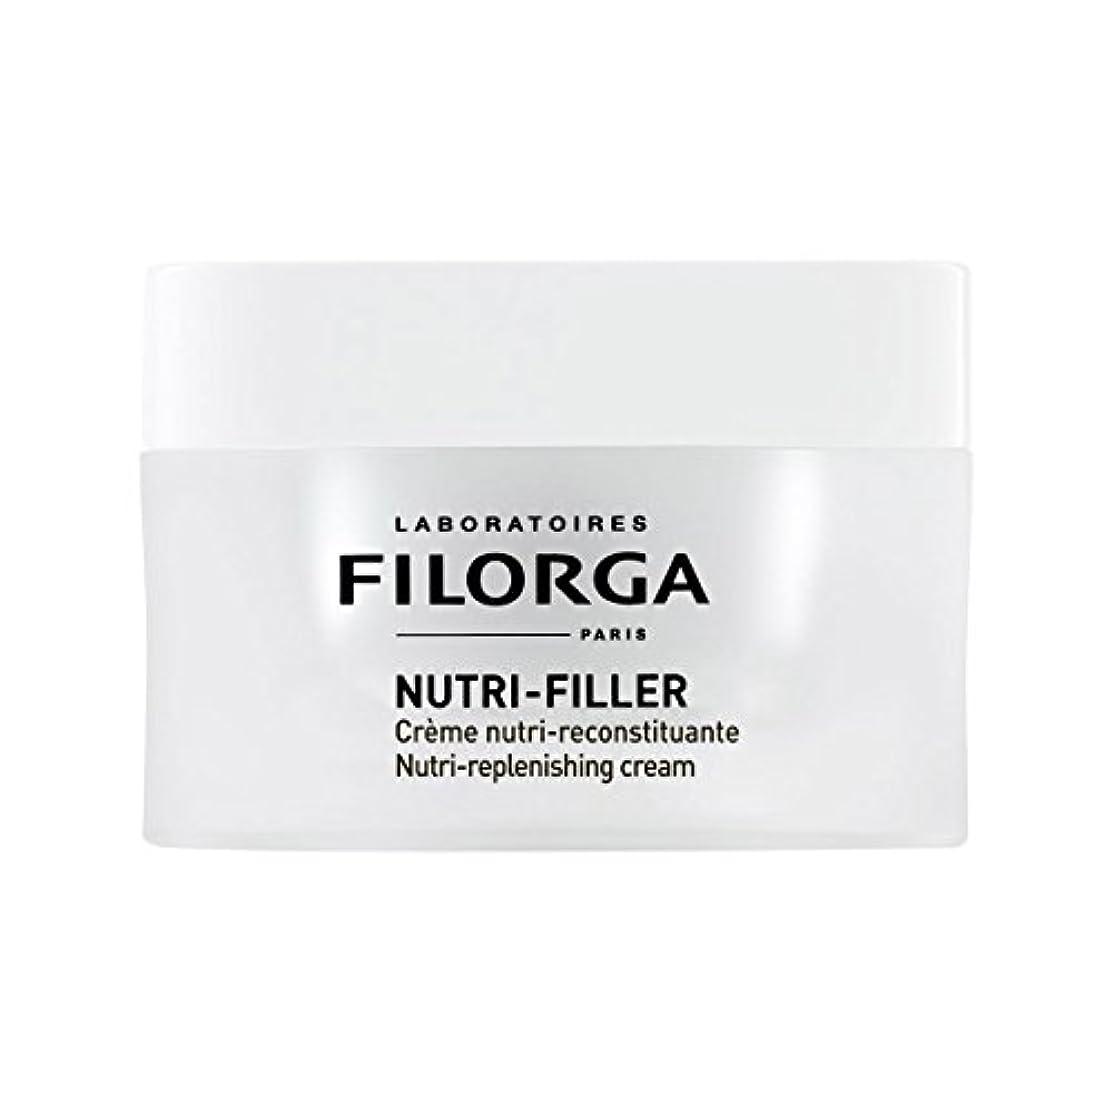 トロイの木馬粉砕するテクスチャーFilorga Nutri-filler Nutri-replenishing Cream 50ml [並行輸入品]